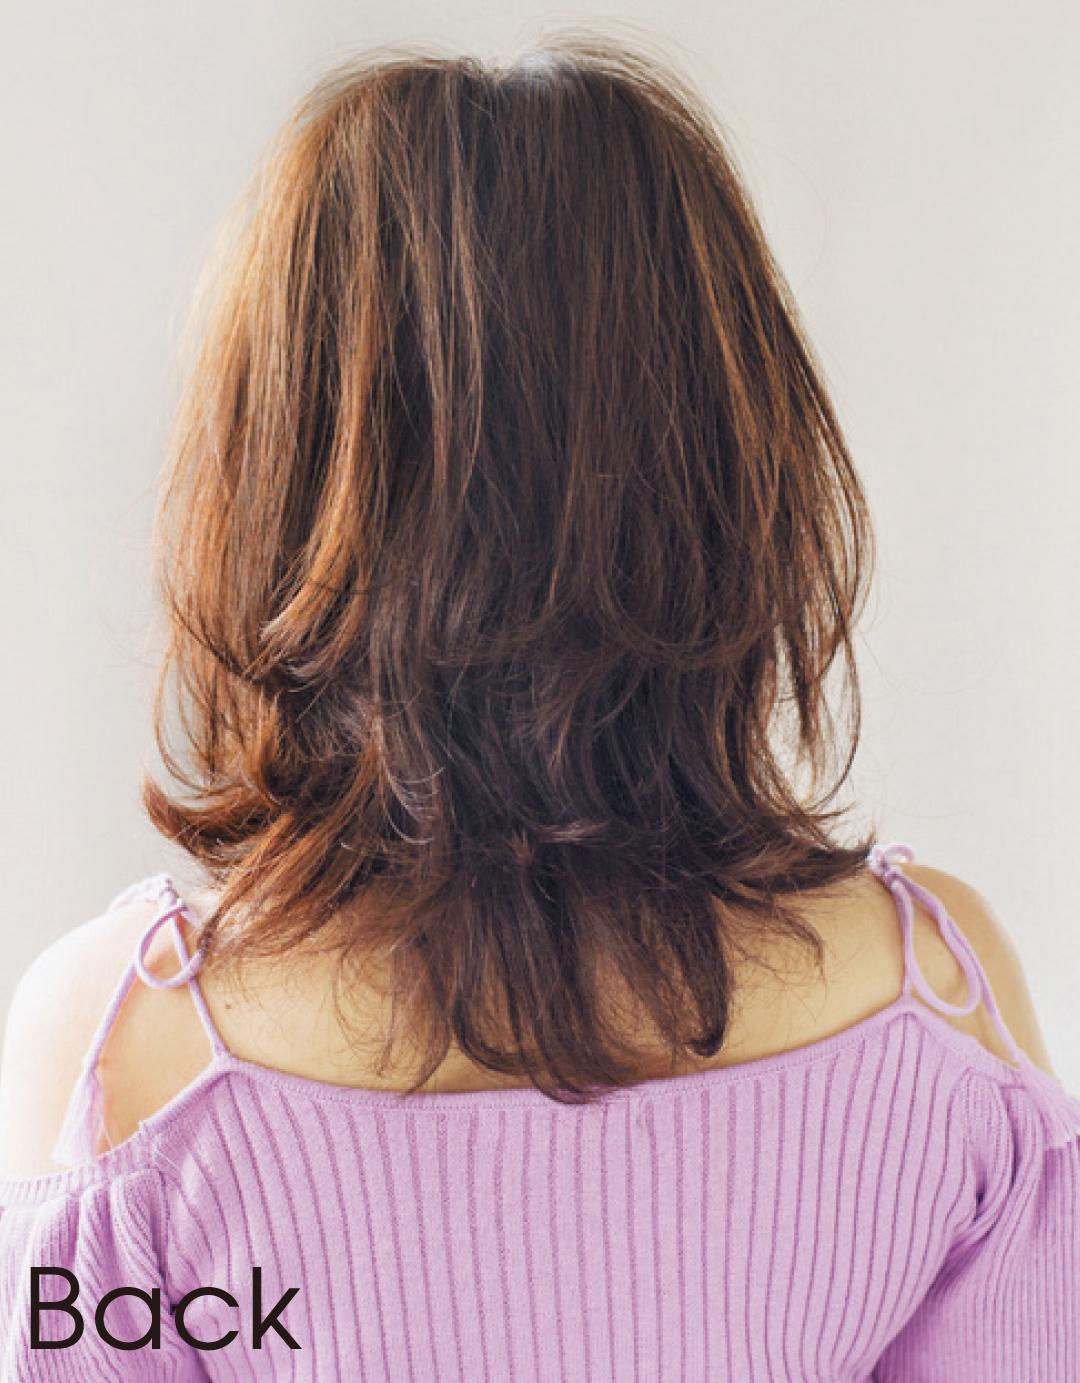 直毛でもふんわり感が出せる! 有村架純さん風ミディヘアはコチラ♡ _1_4-2